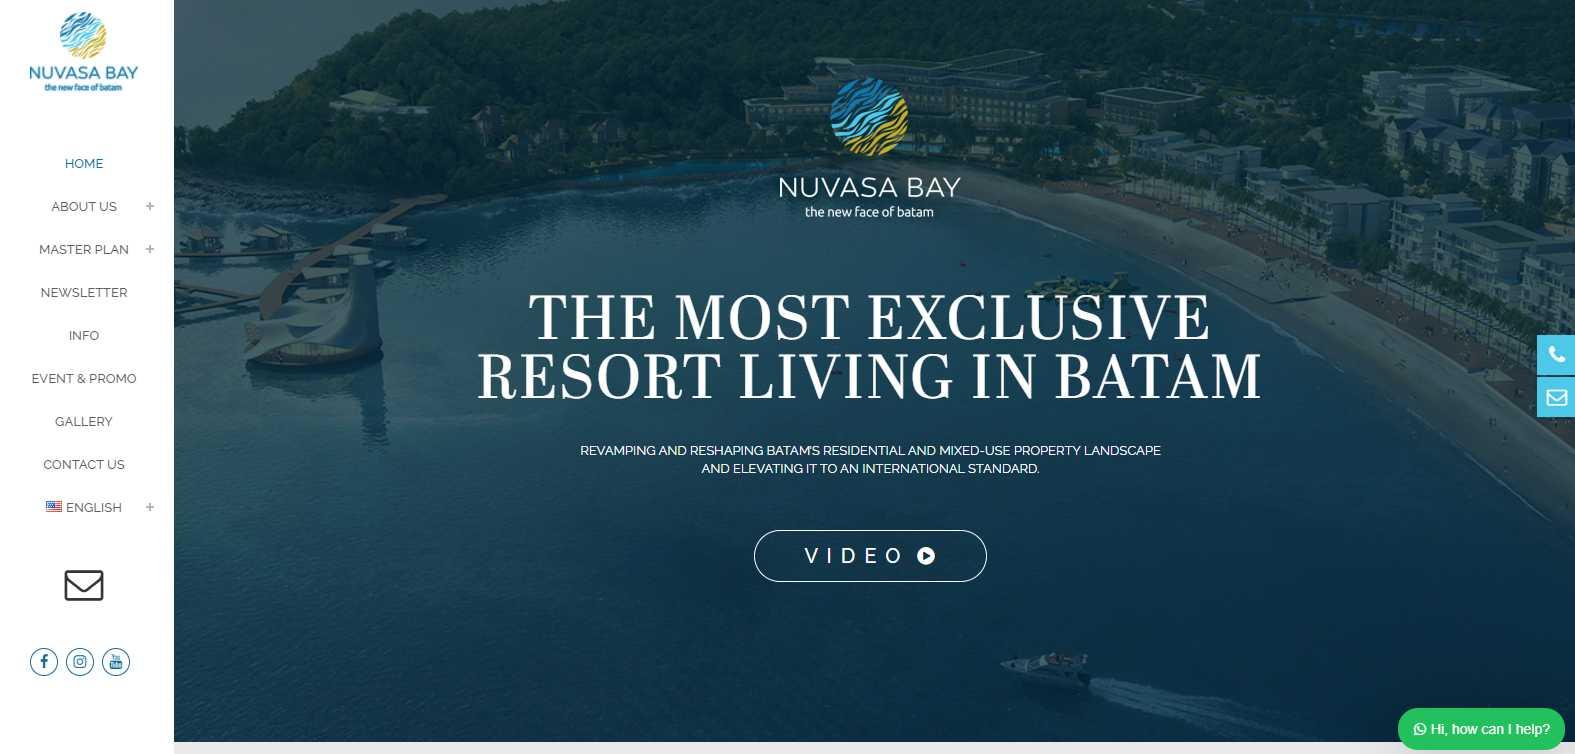 Nuvasa Bay Top Batam Hotels and Resorts